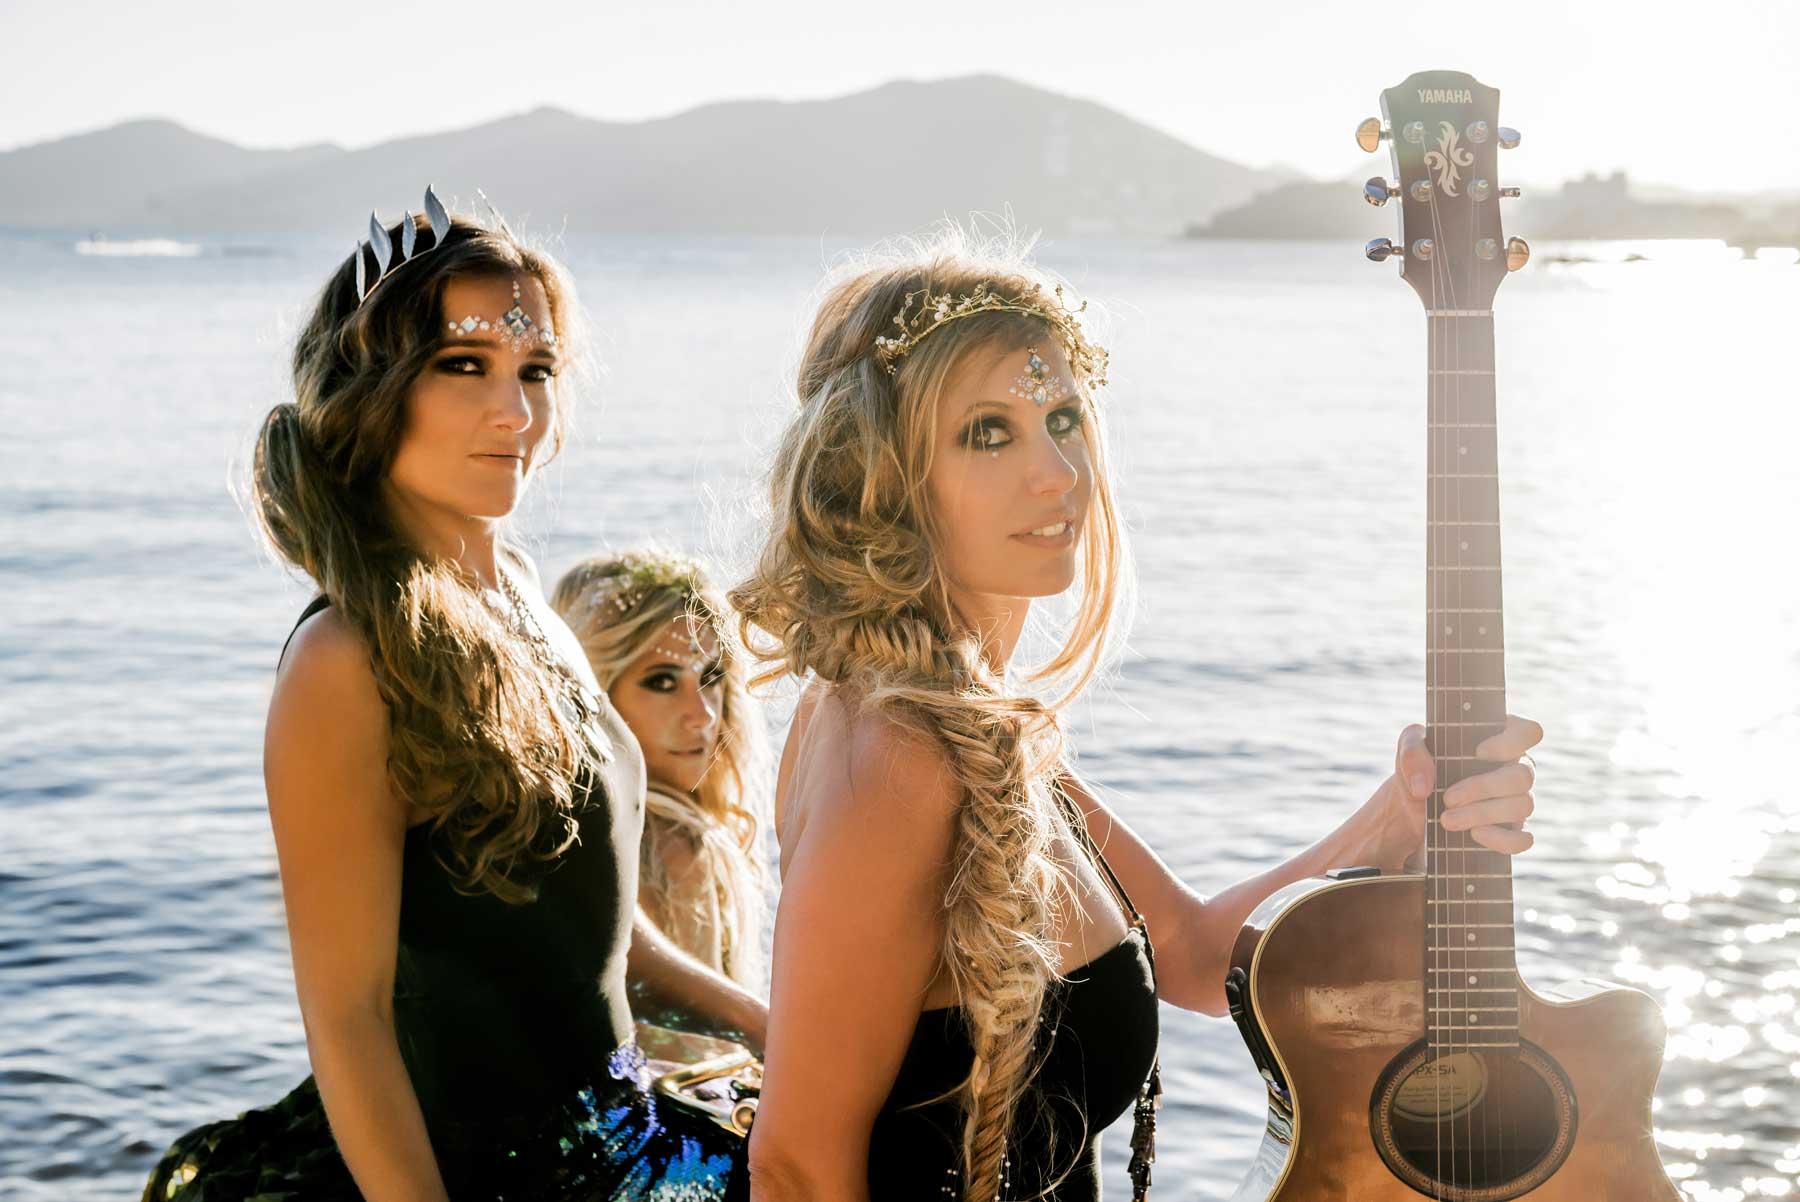 Musical Mermaids - Live Music